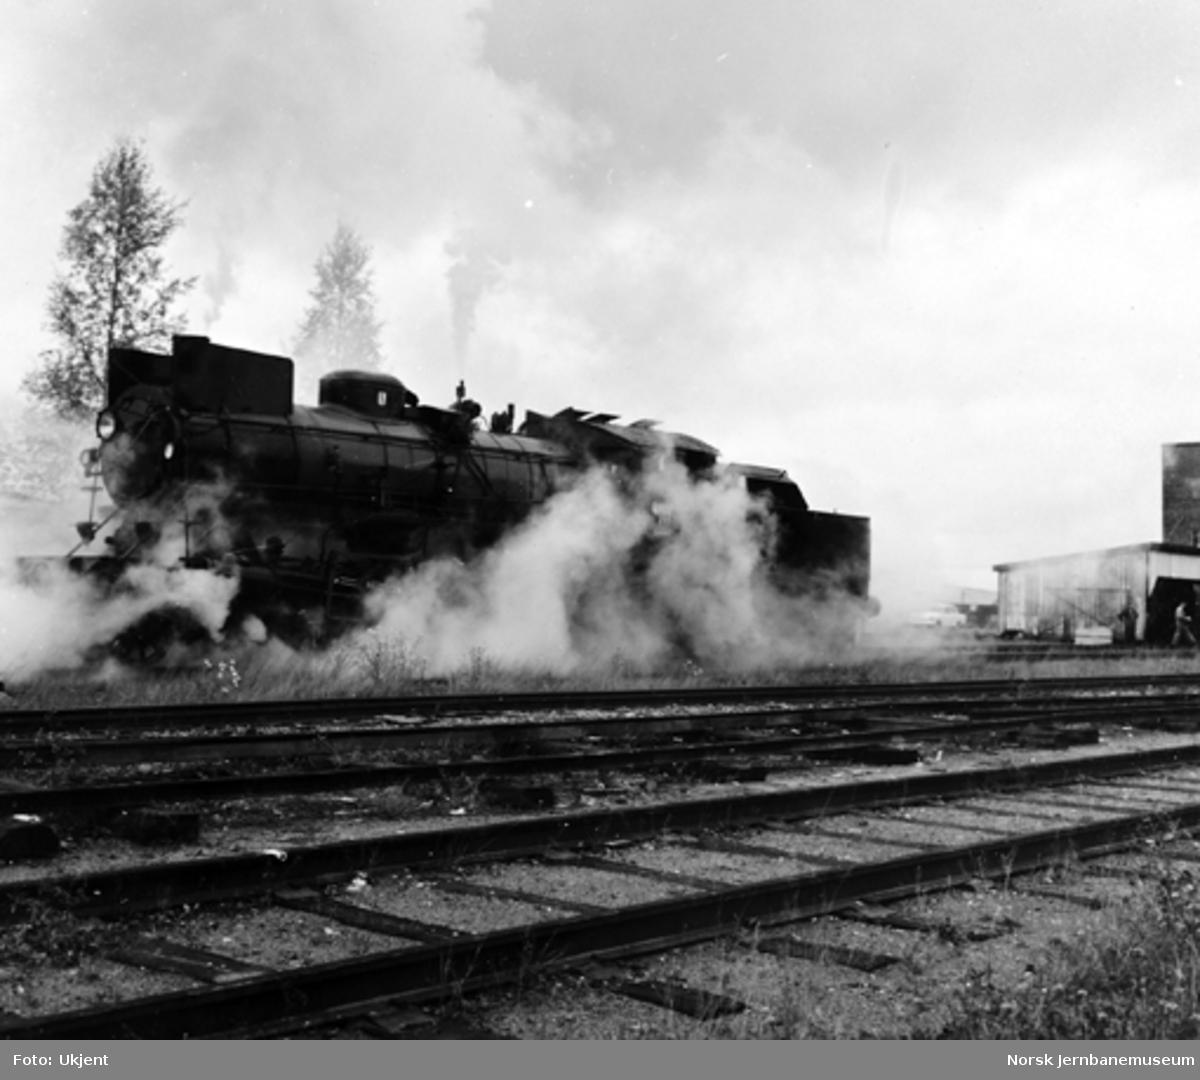 Damplokomotiv type 26a nr. 215 ferdig etter hovedrevisjon på Verkstedet Grorud, som det siste damplokomotiv som fikk hovedrevisjon der